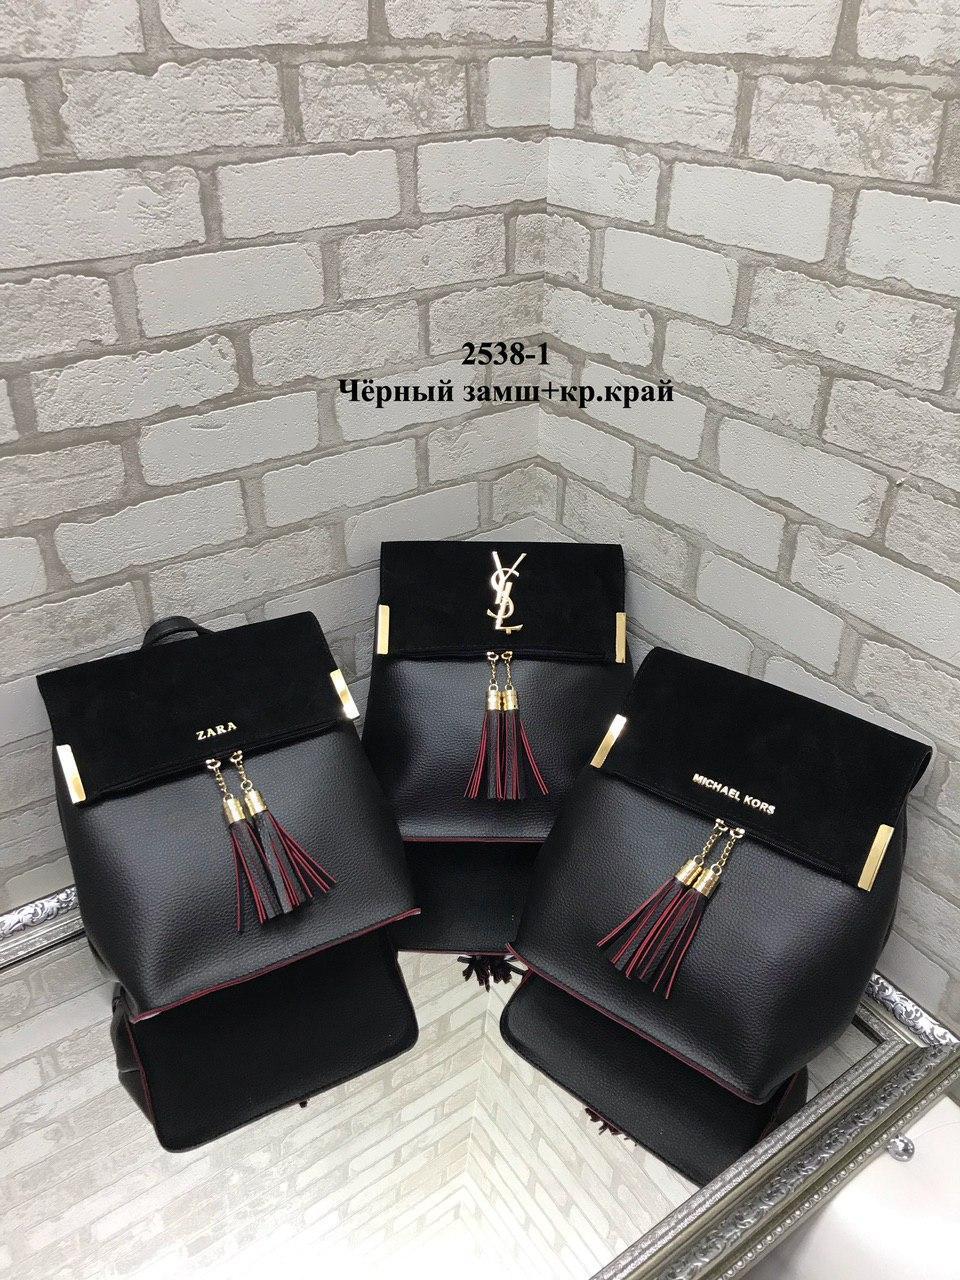 Модная сумка-рюкзак из качественного кожзама с натуральной замшей Черный-Красный (ZARA, YVES SAINT LAURENT, Michael Kors)